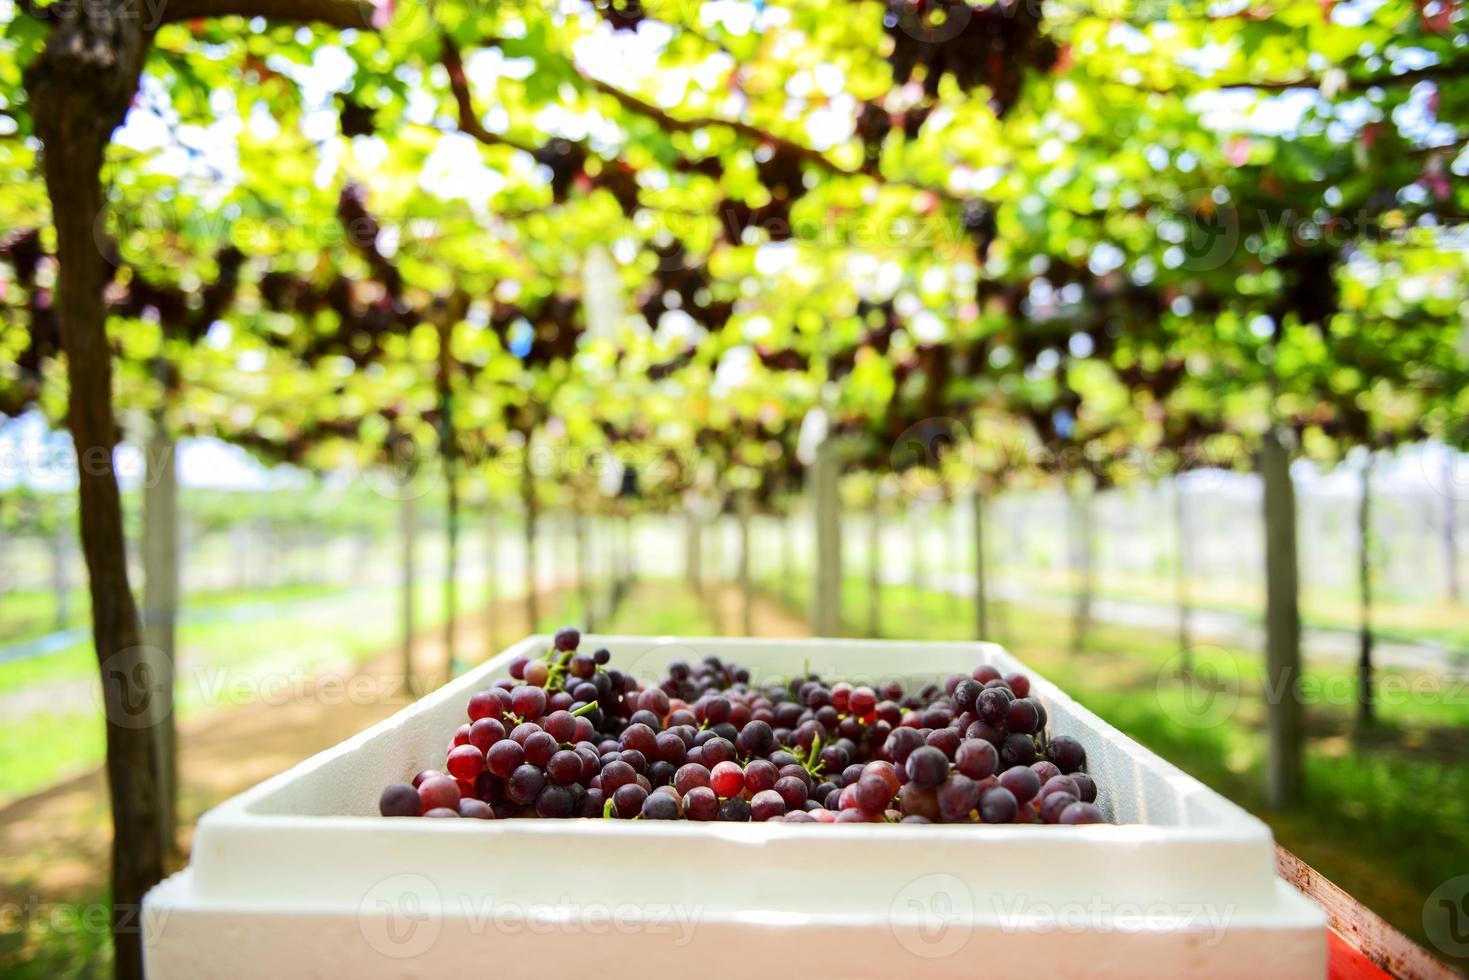 granja de uvas tak, tailandia foto